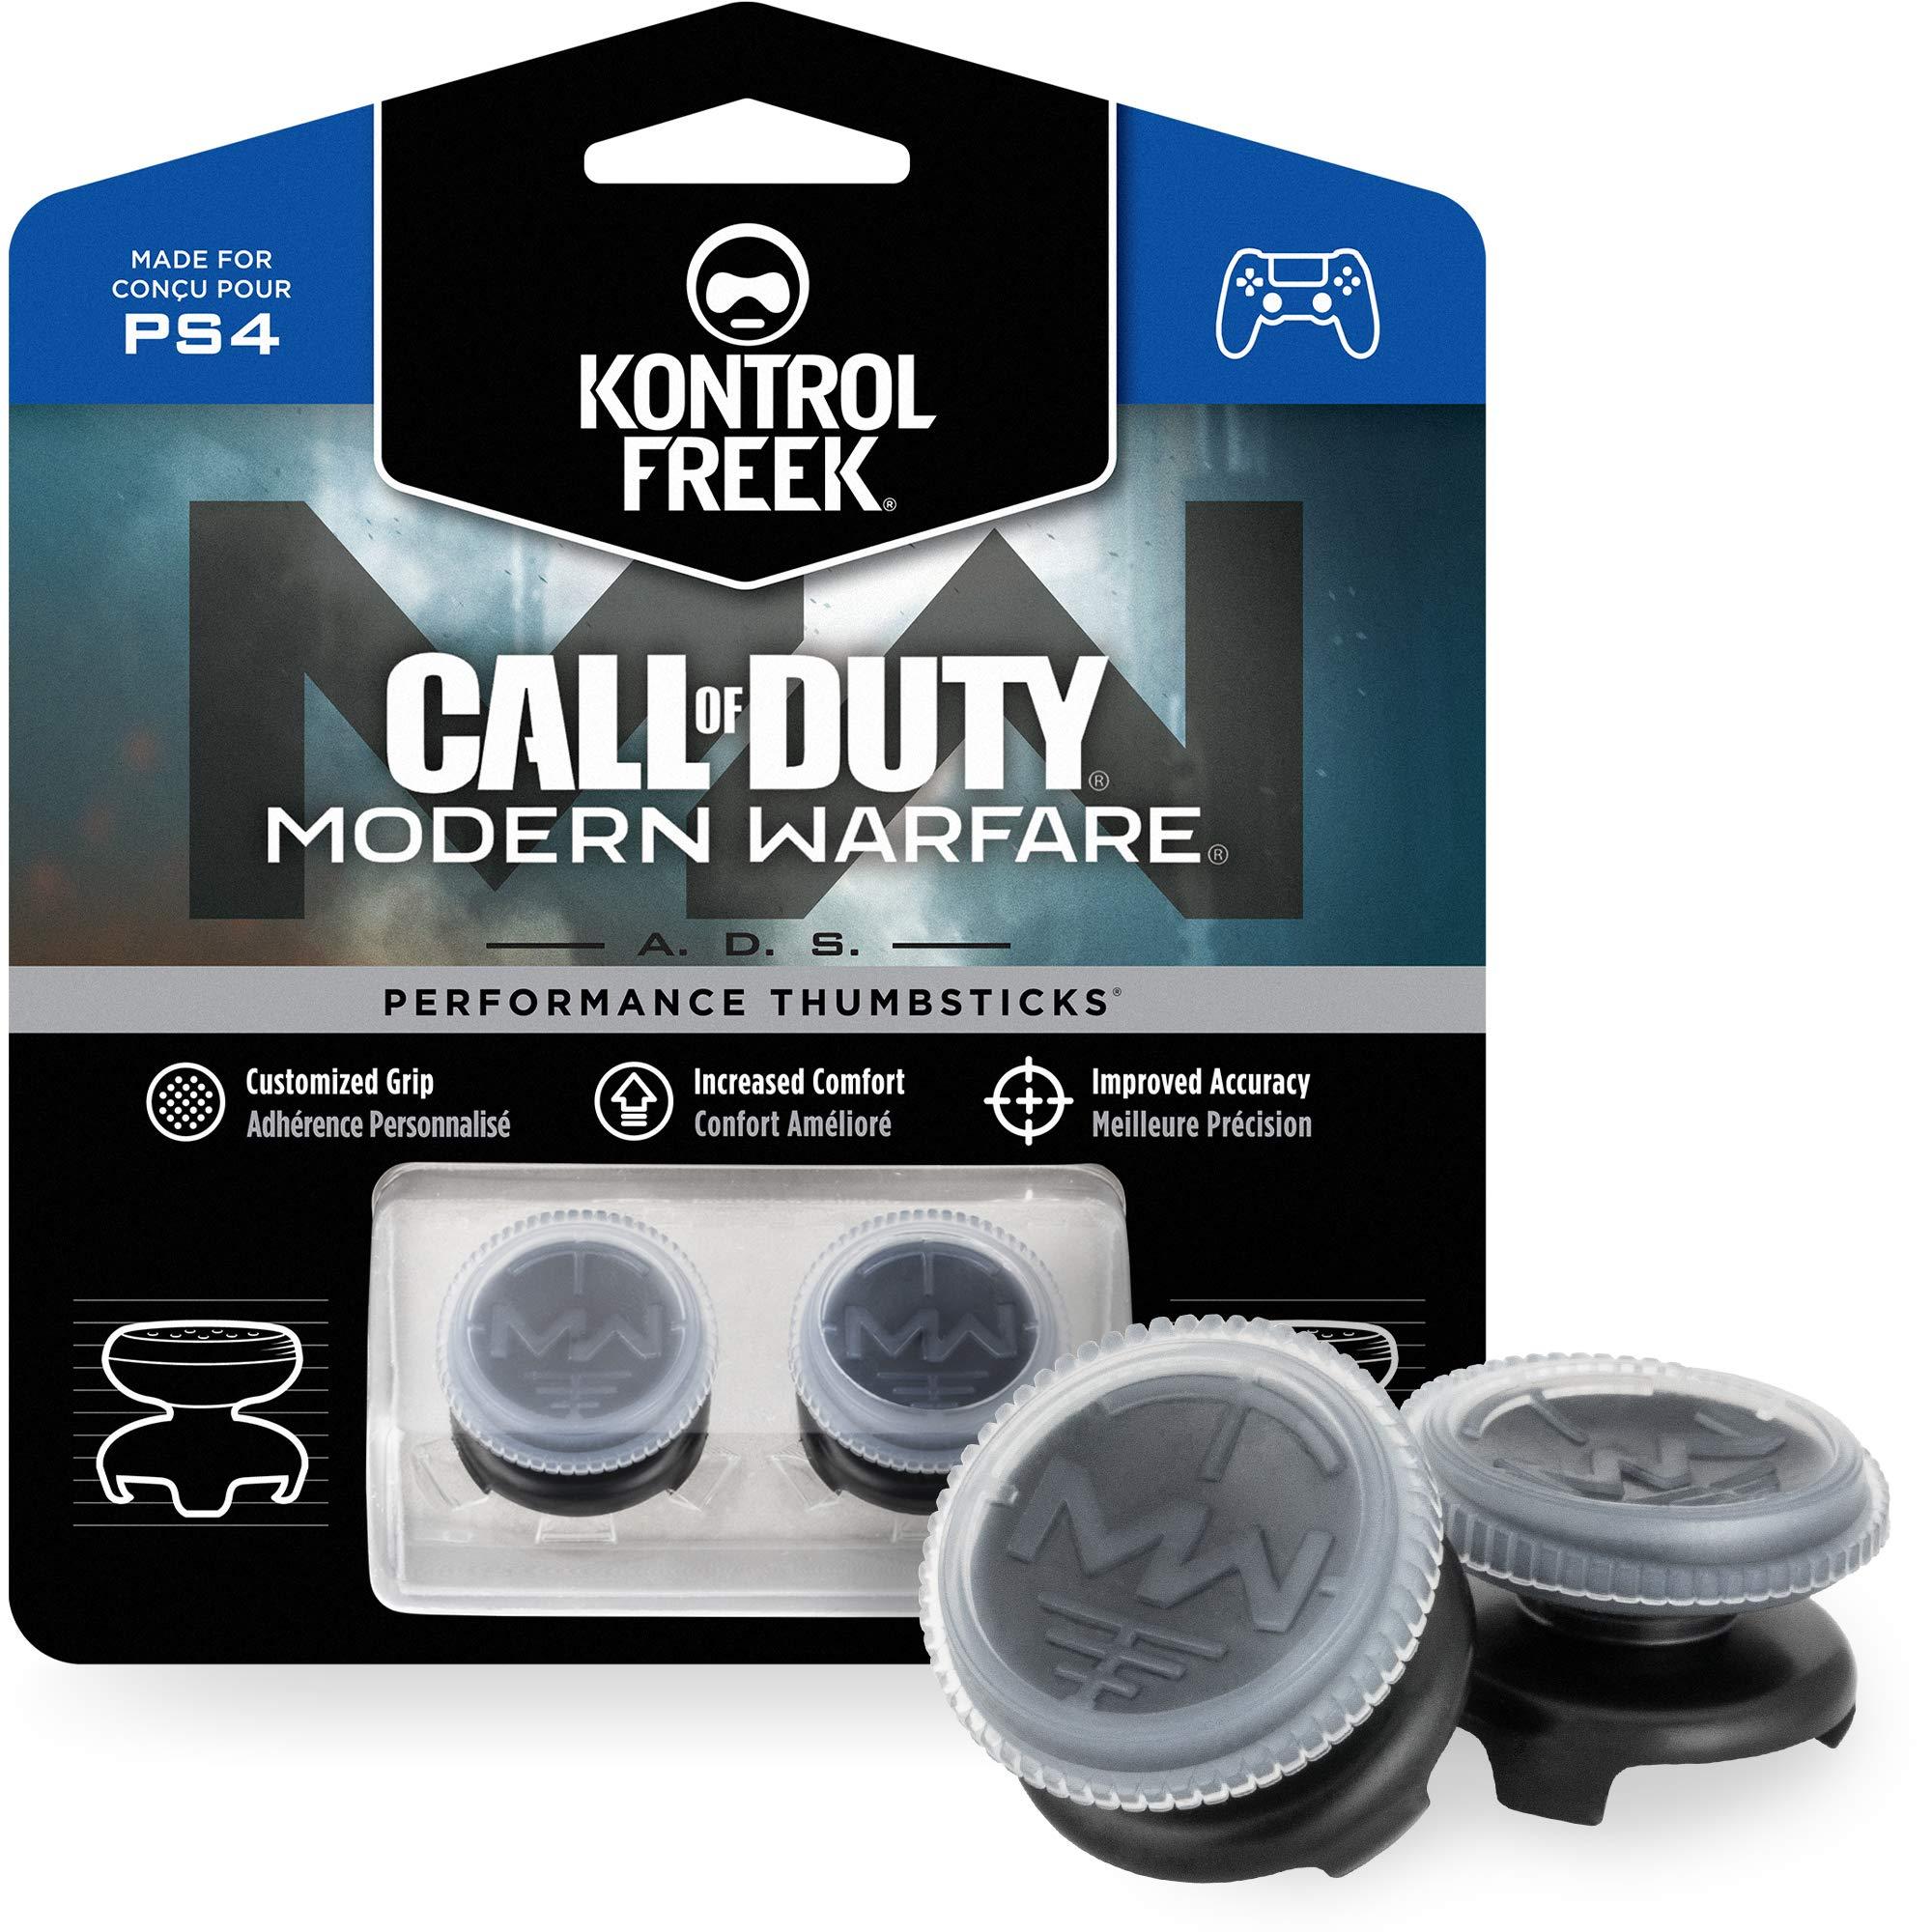 KontrolFreek Call Duty D S Performance Thumbsticks